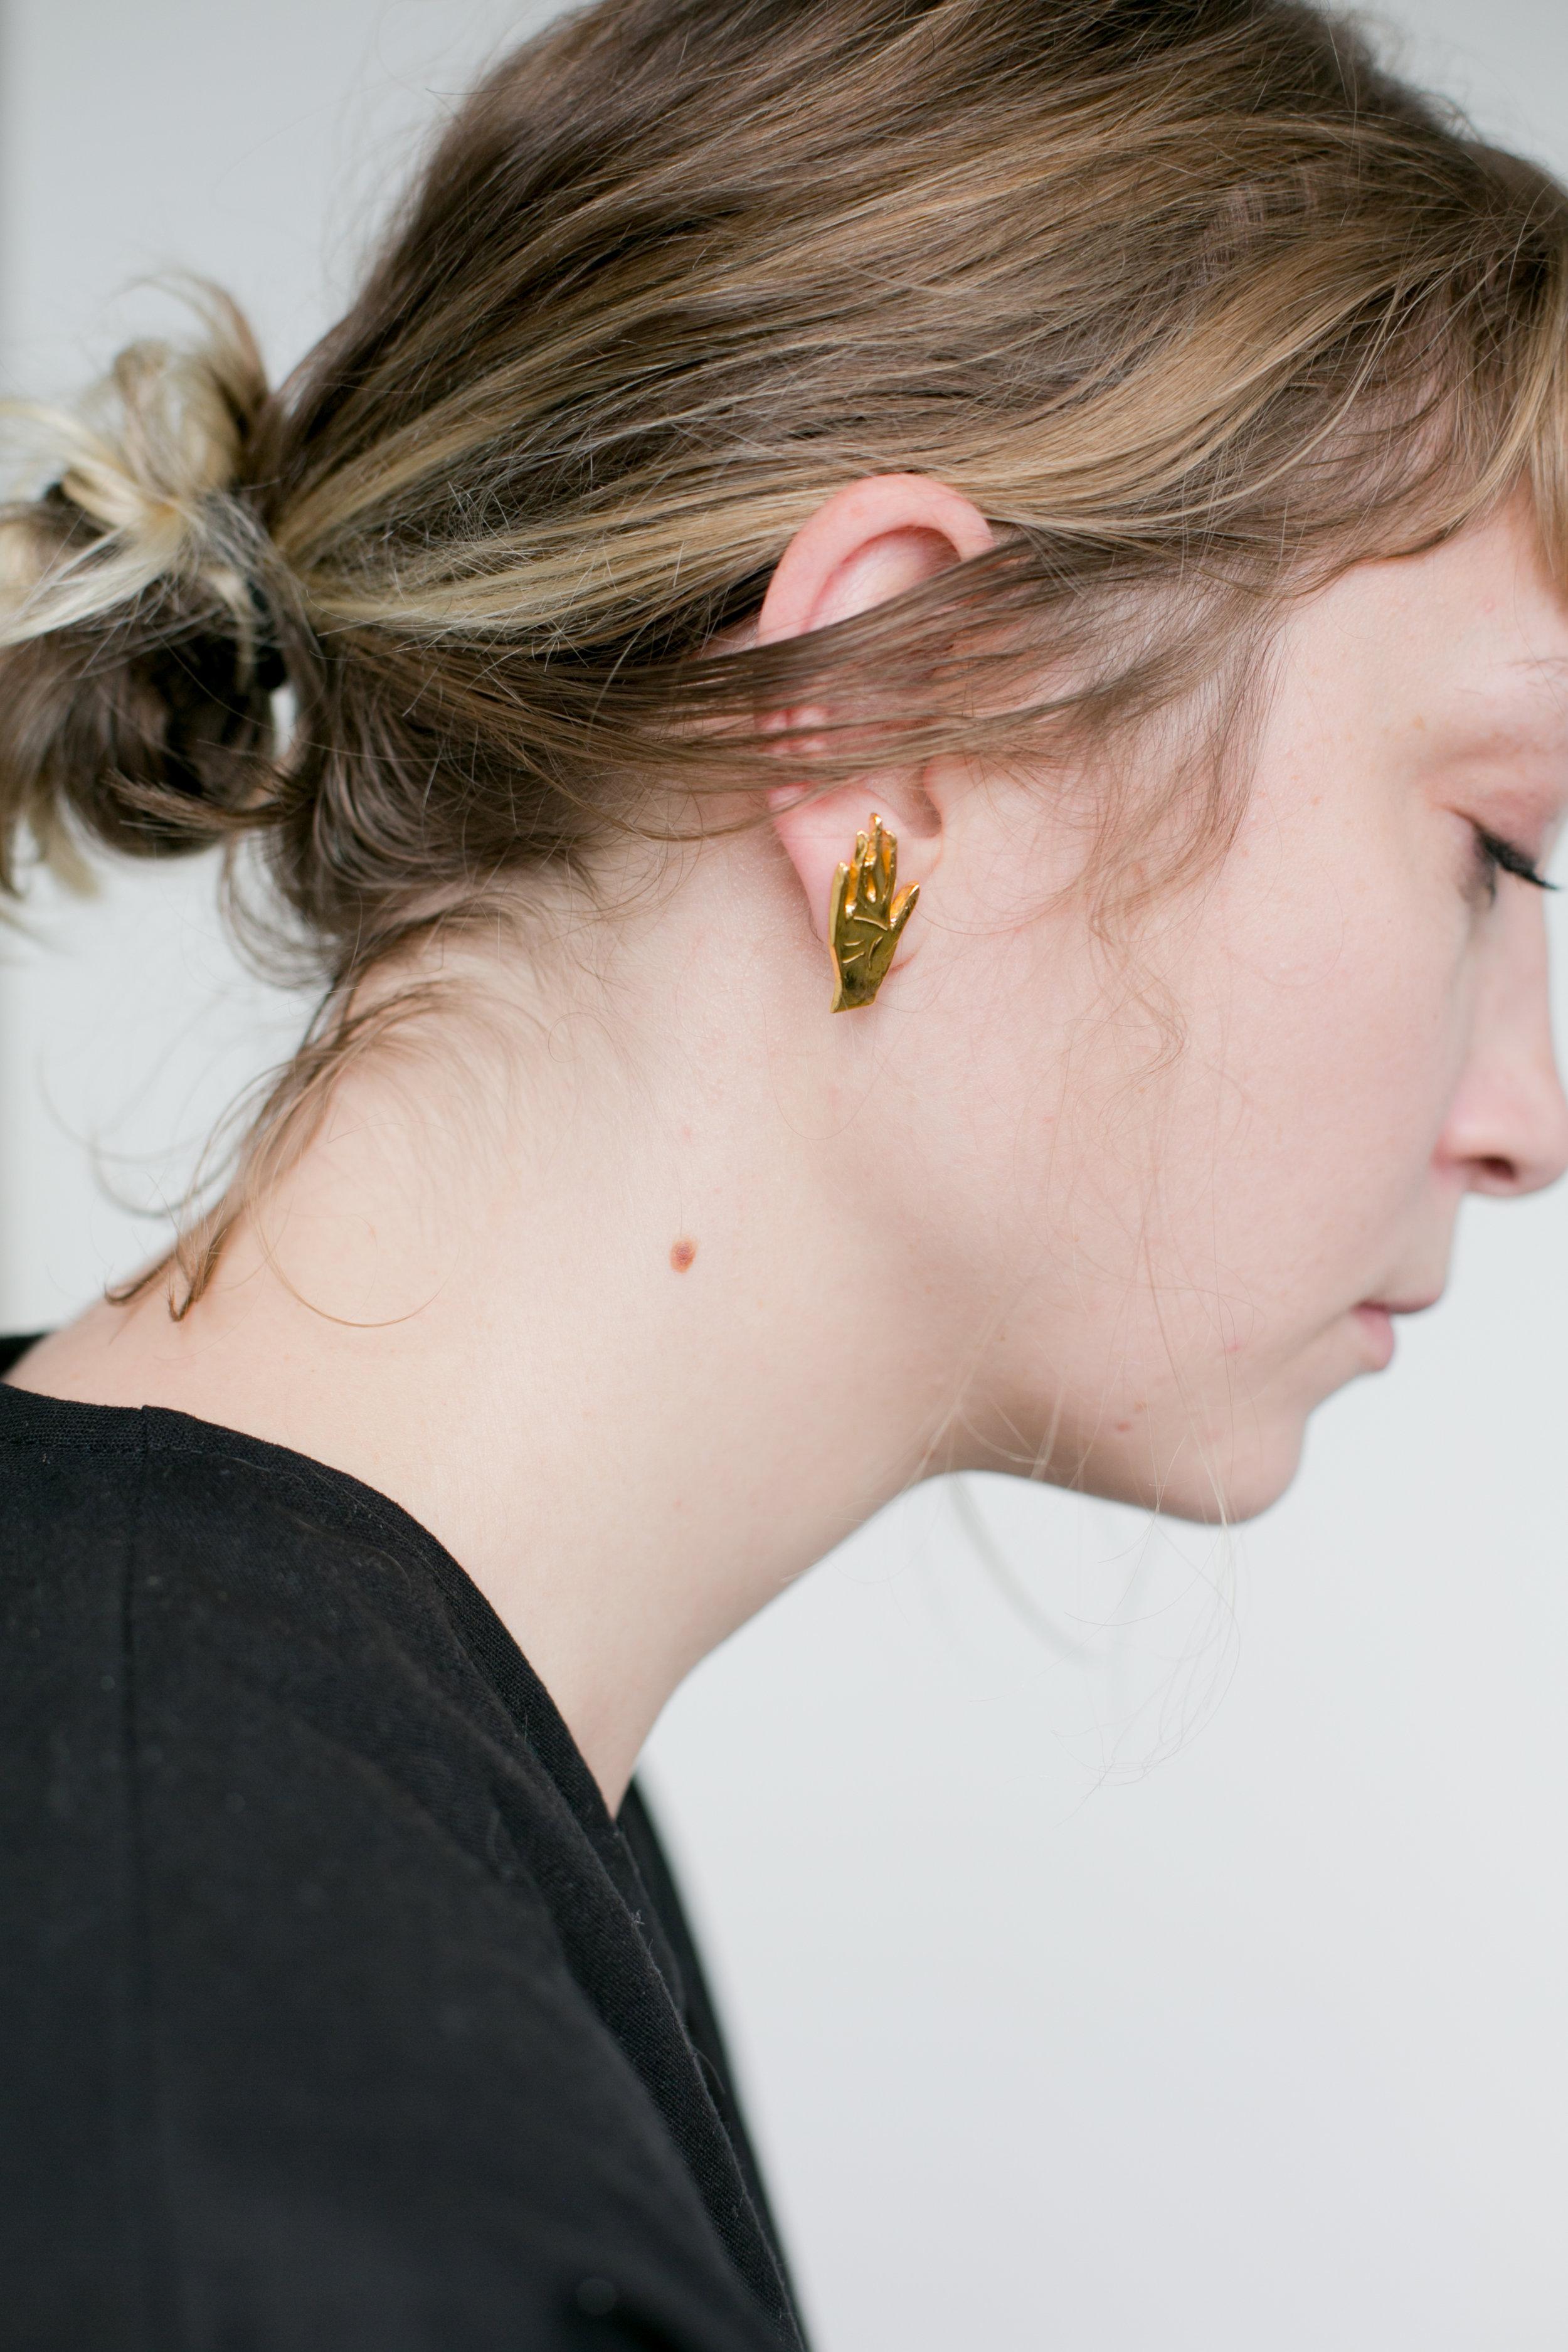 Lauren Winter Co, Jumpsuit / L'enchanteur, Palm of Hand Earings